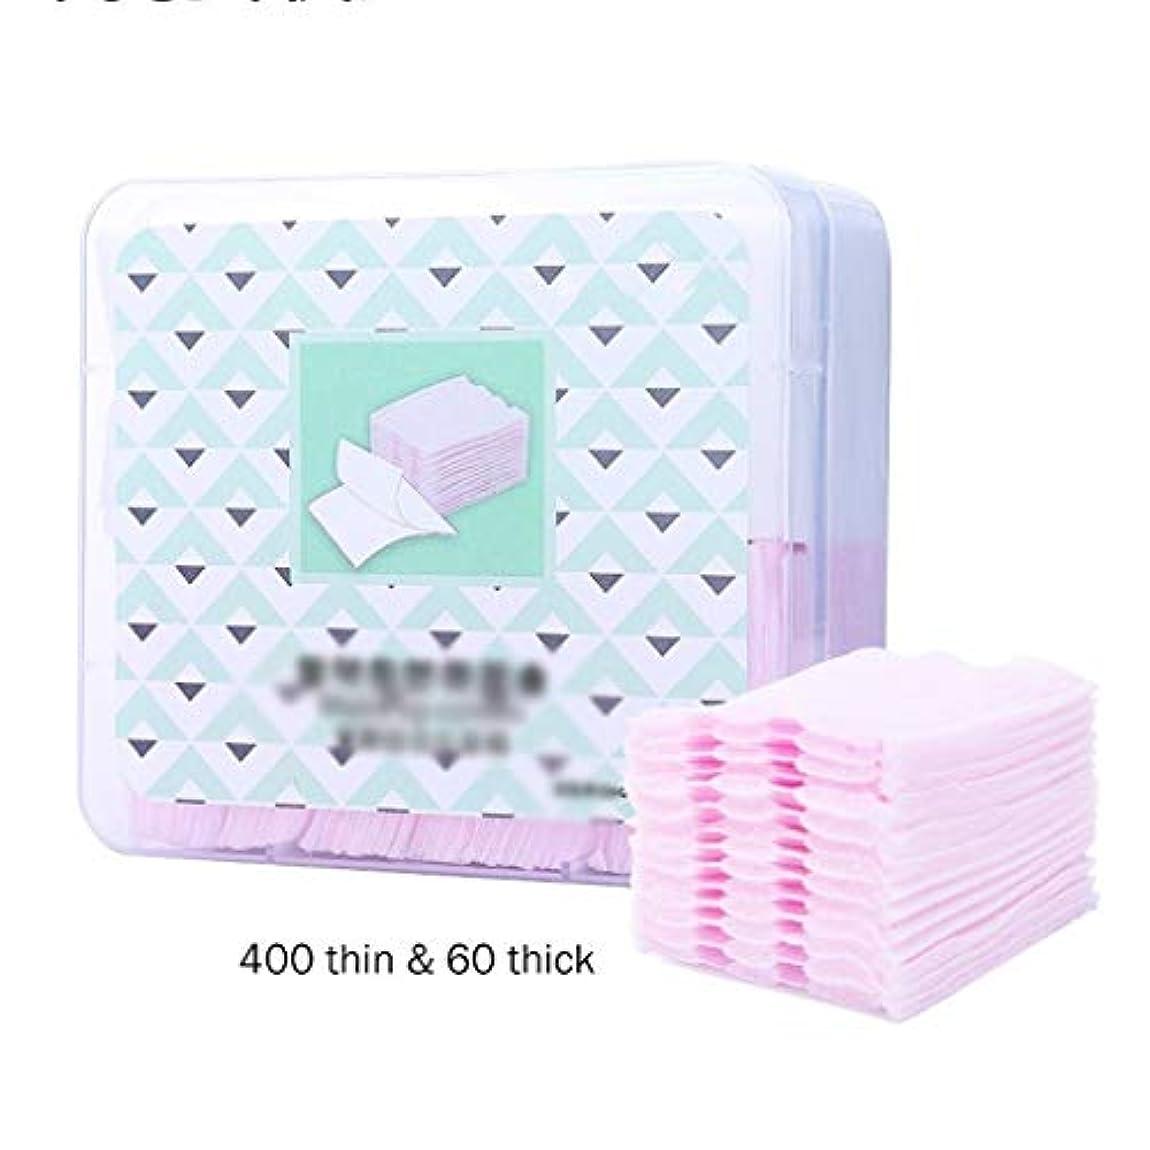 政権持っているパトロンクレンジングシート 460ピース有機化粧コットンパッドネイル化粧品コットンワイプフェイスフェイシャルティッシュリムーバーワイプネイルナプキン化粧パッド (Color : Pink+White, サイズ : 5.2*5.9cm)